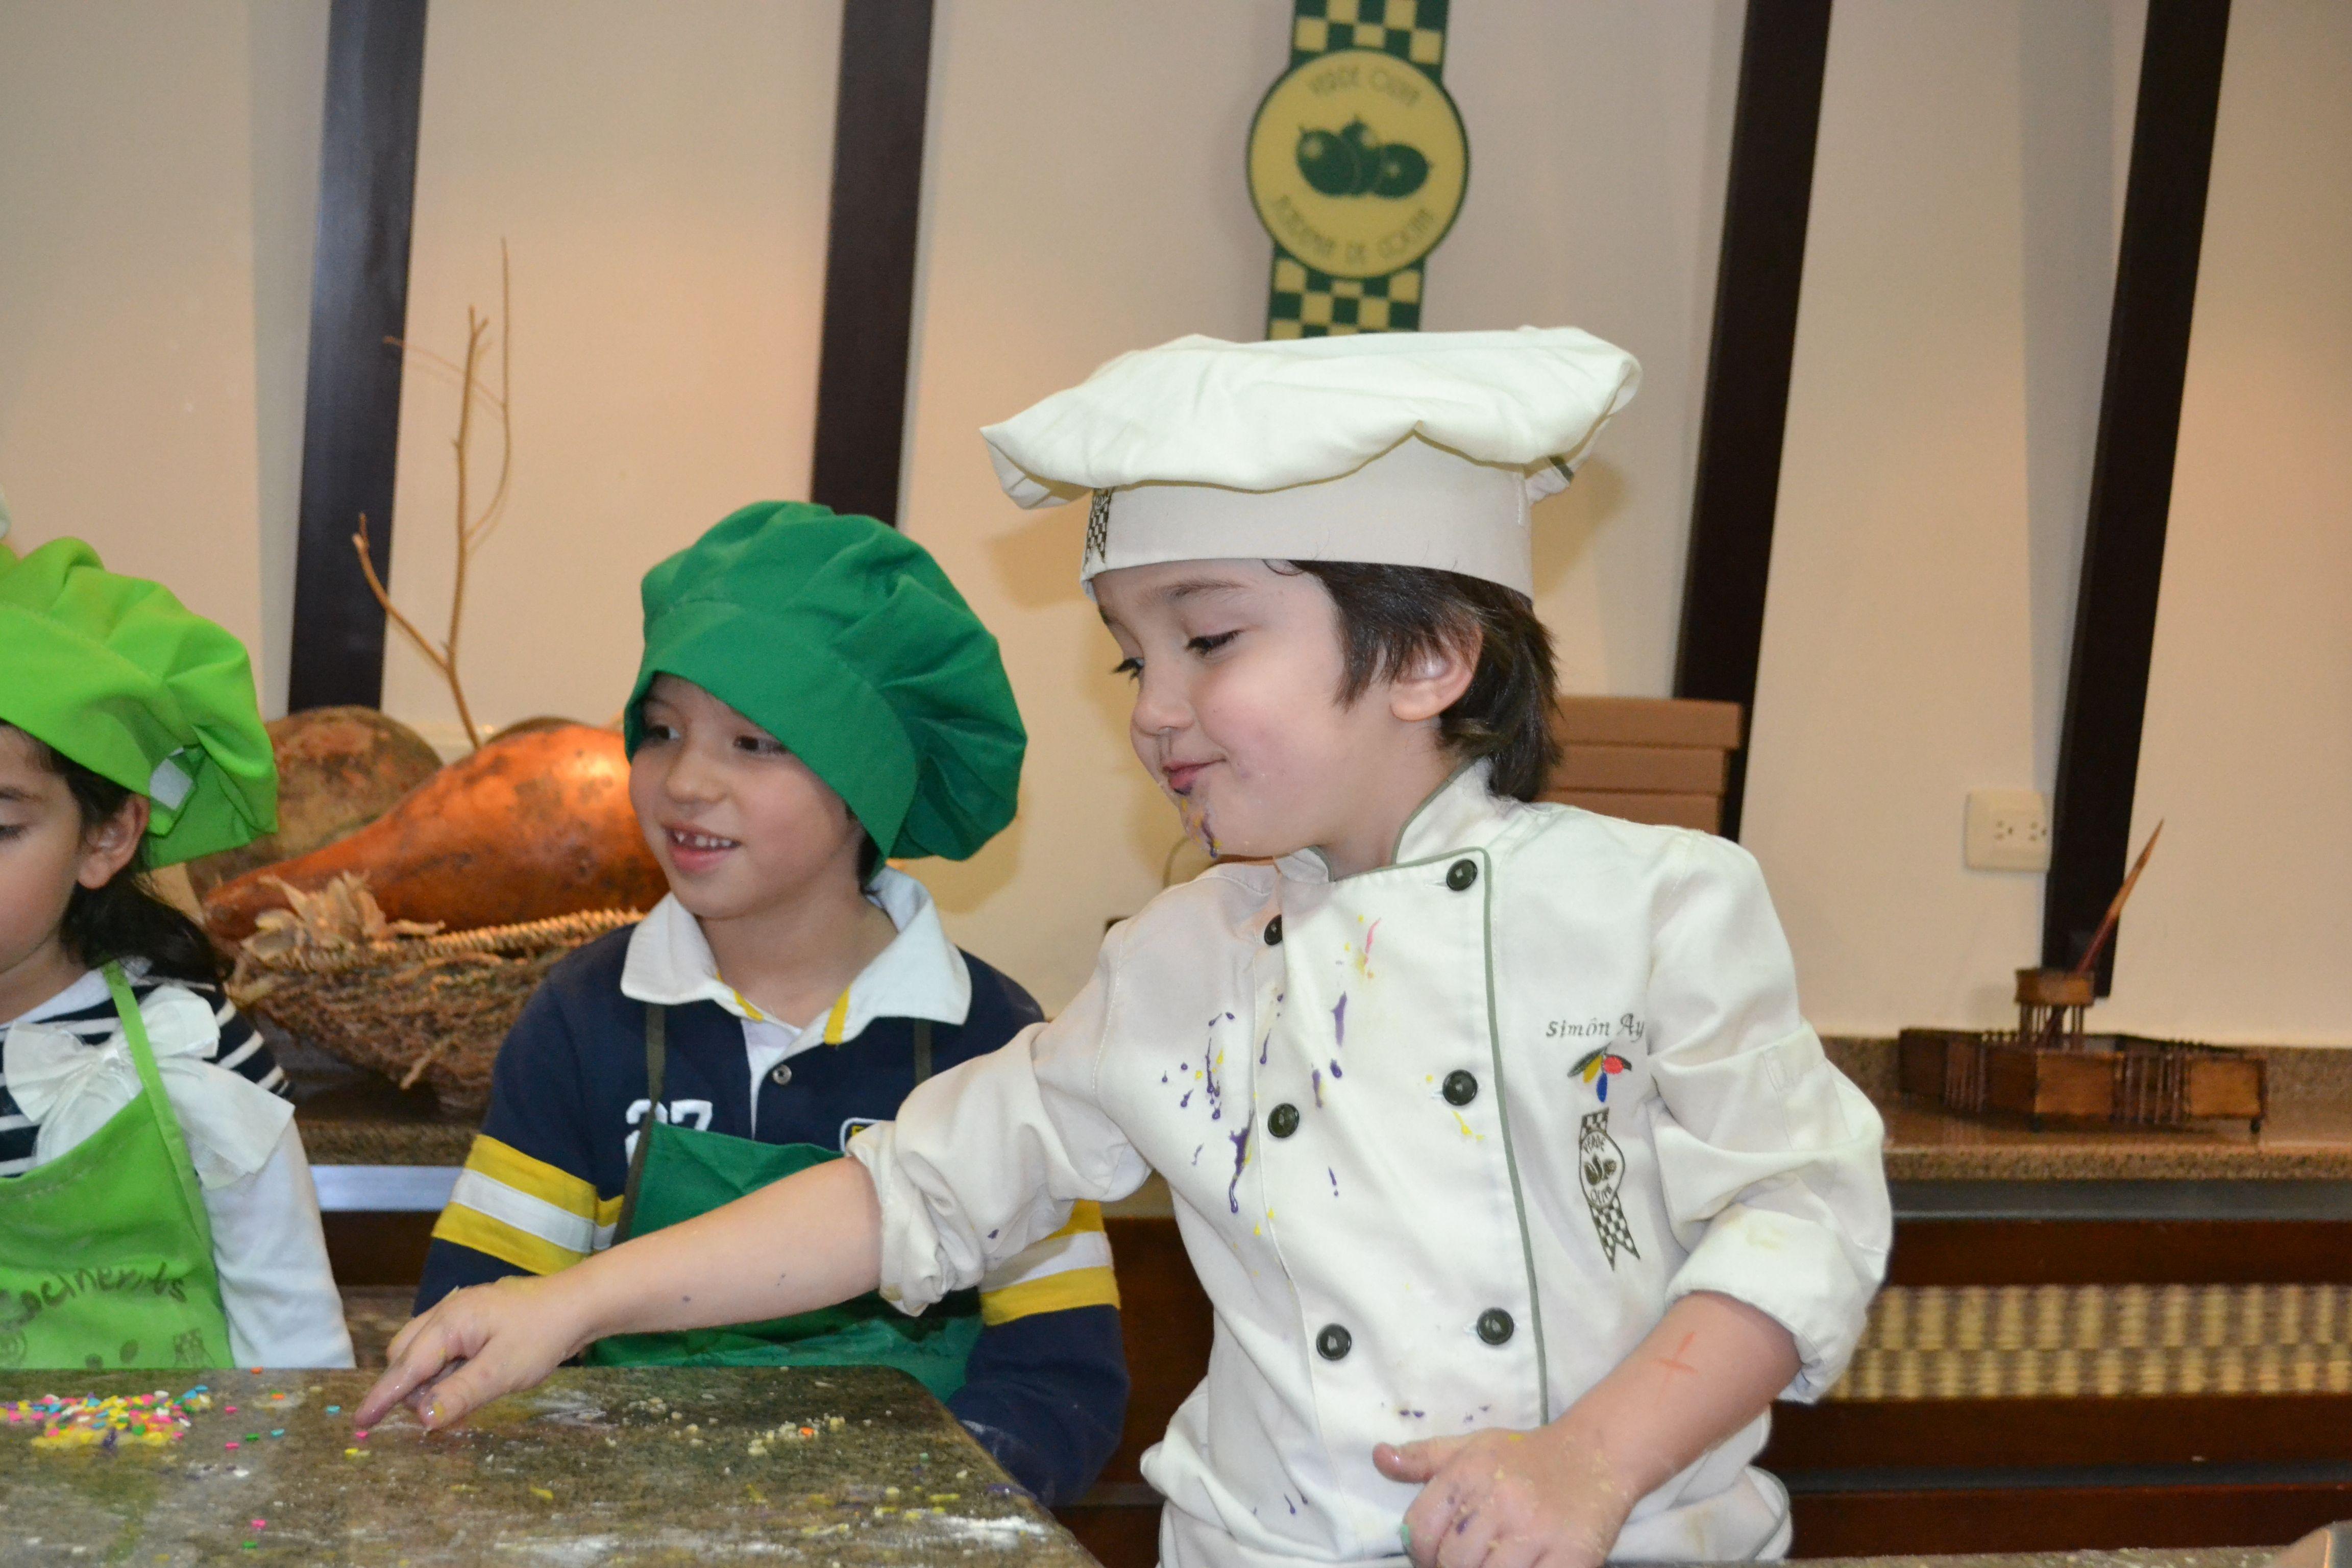 Curso Ninos Academia De Cocina Verde Oliva Noticias Caracol